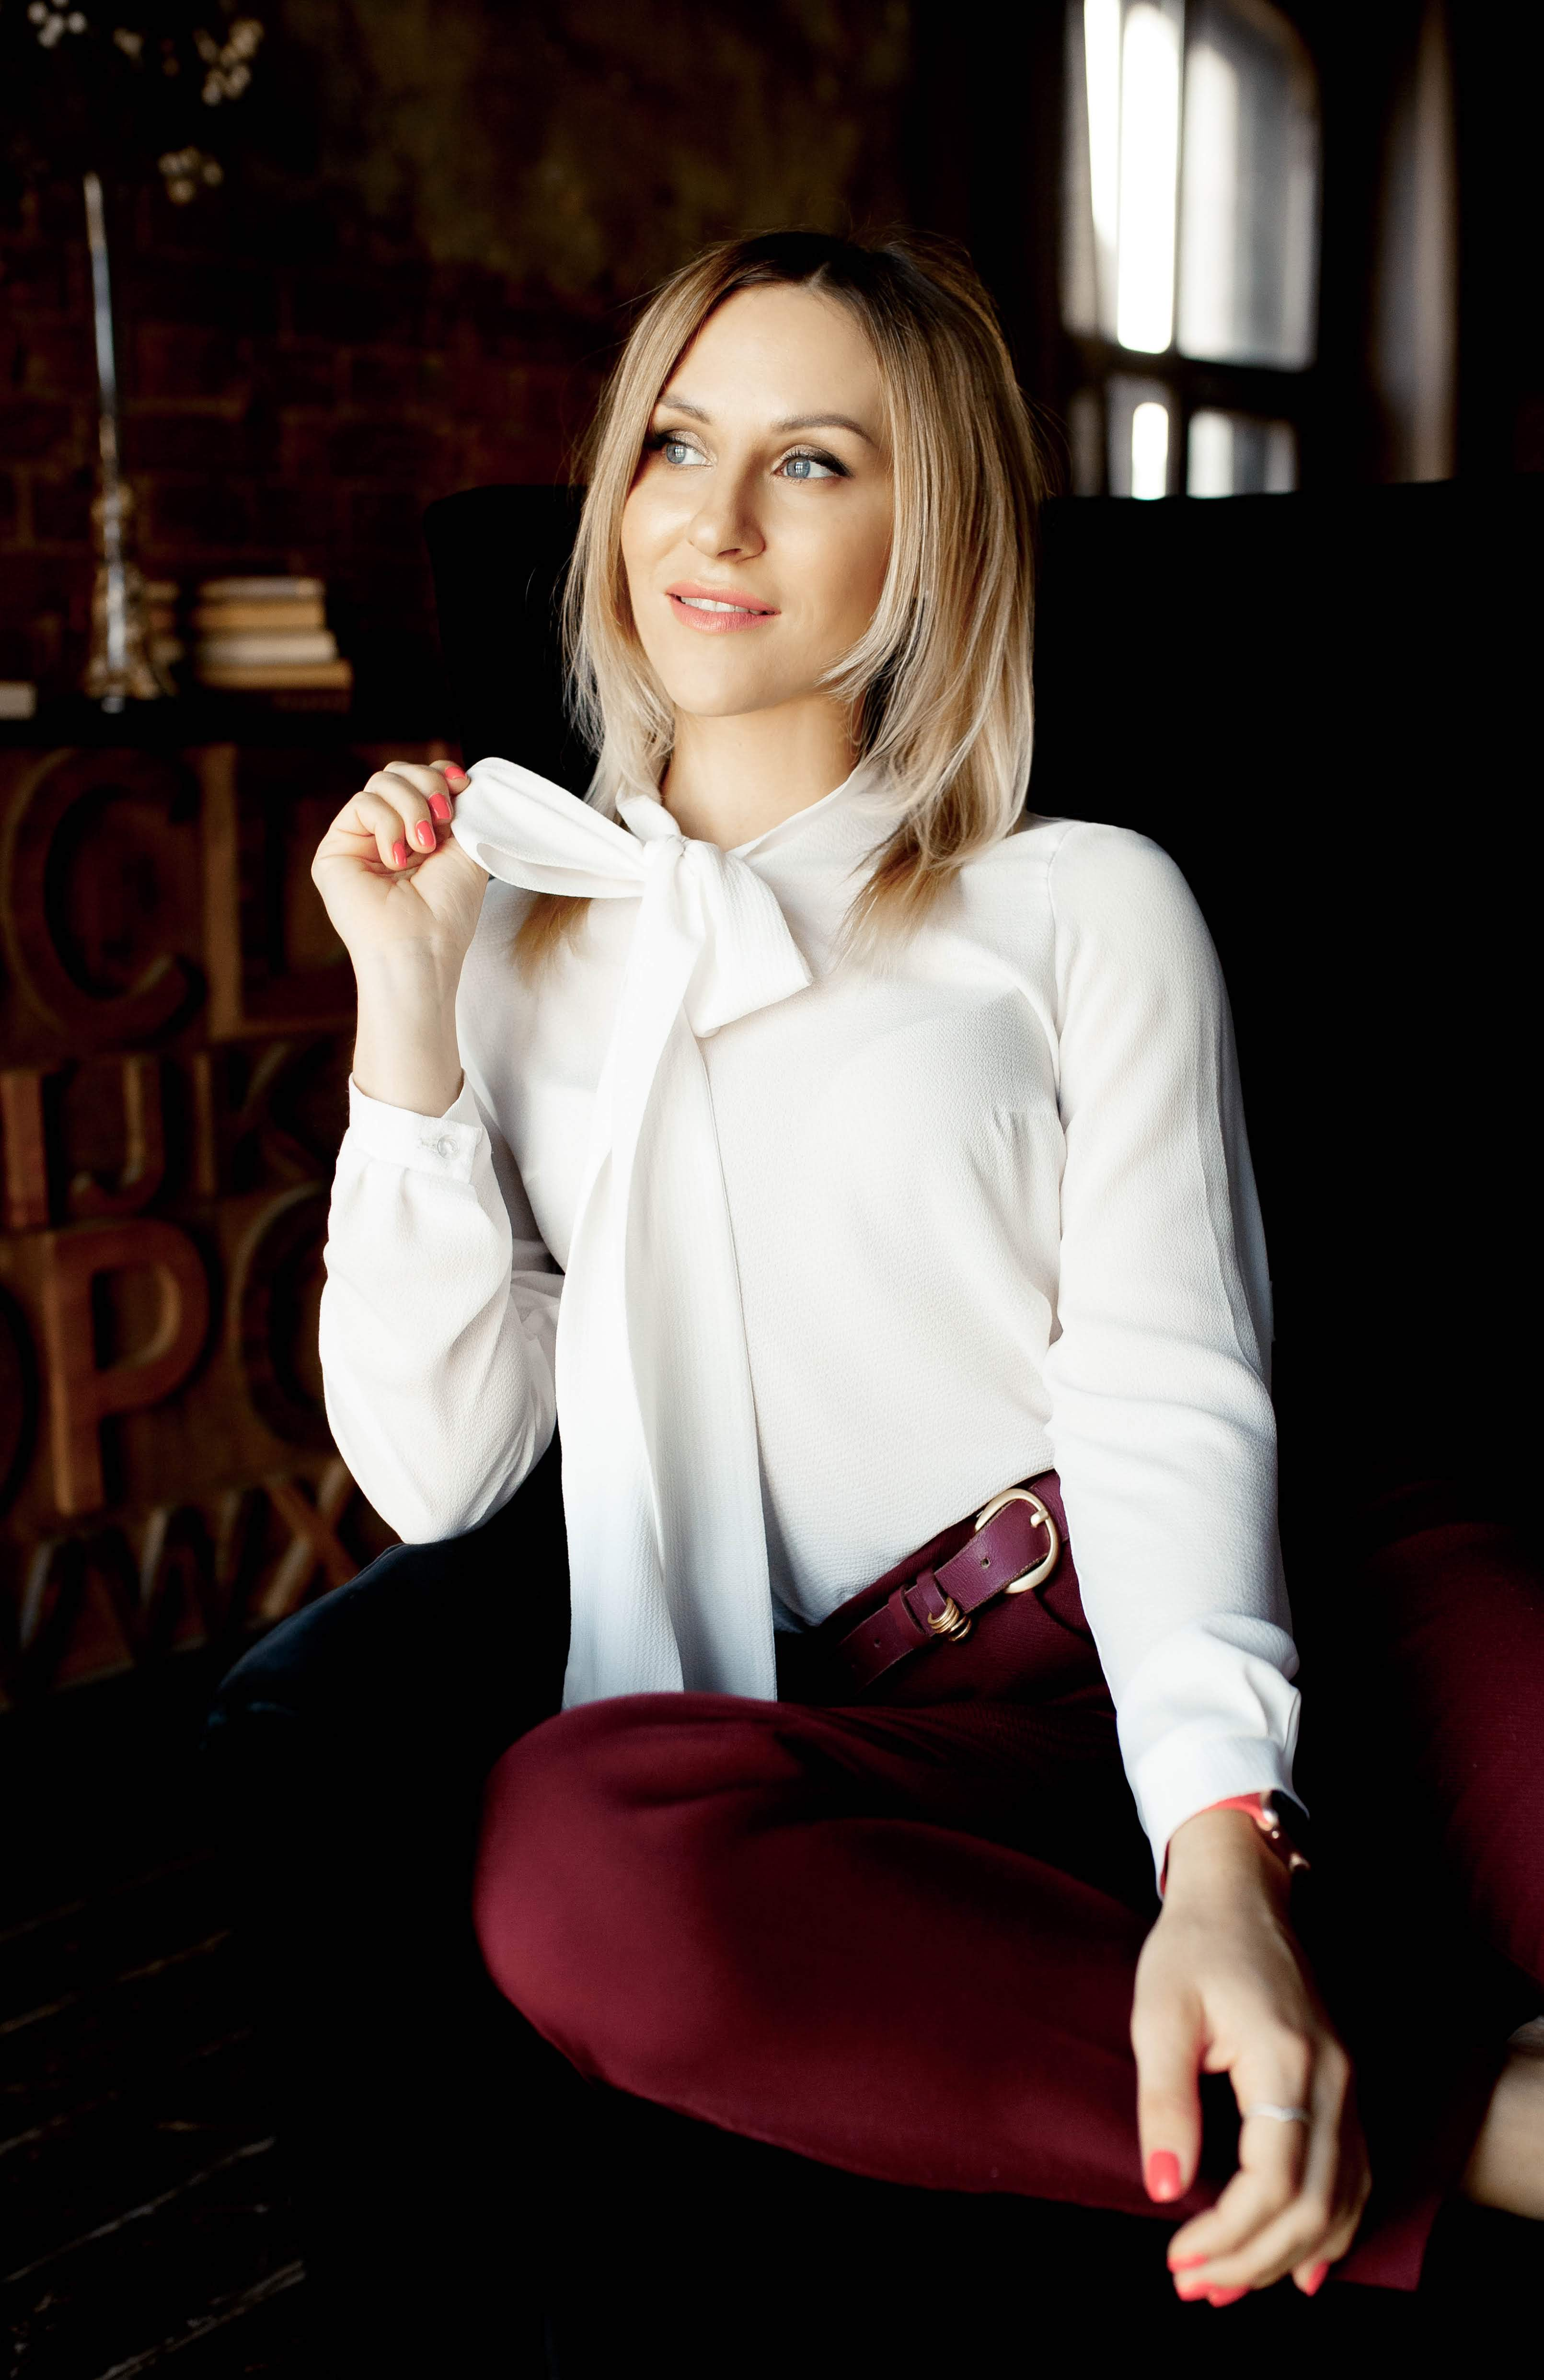 Agence matrimoniale rencontre de Maria  femme célibataire de 33 ans, Cannet.